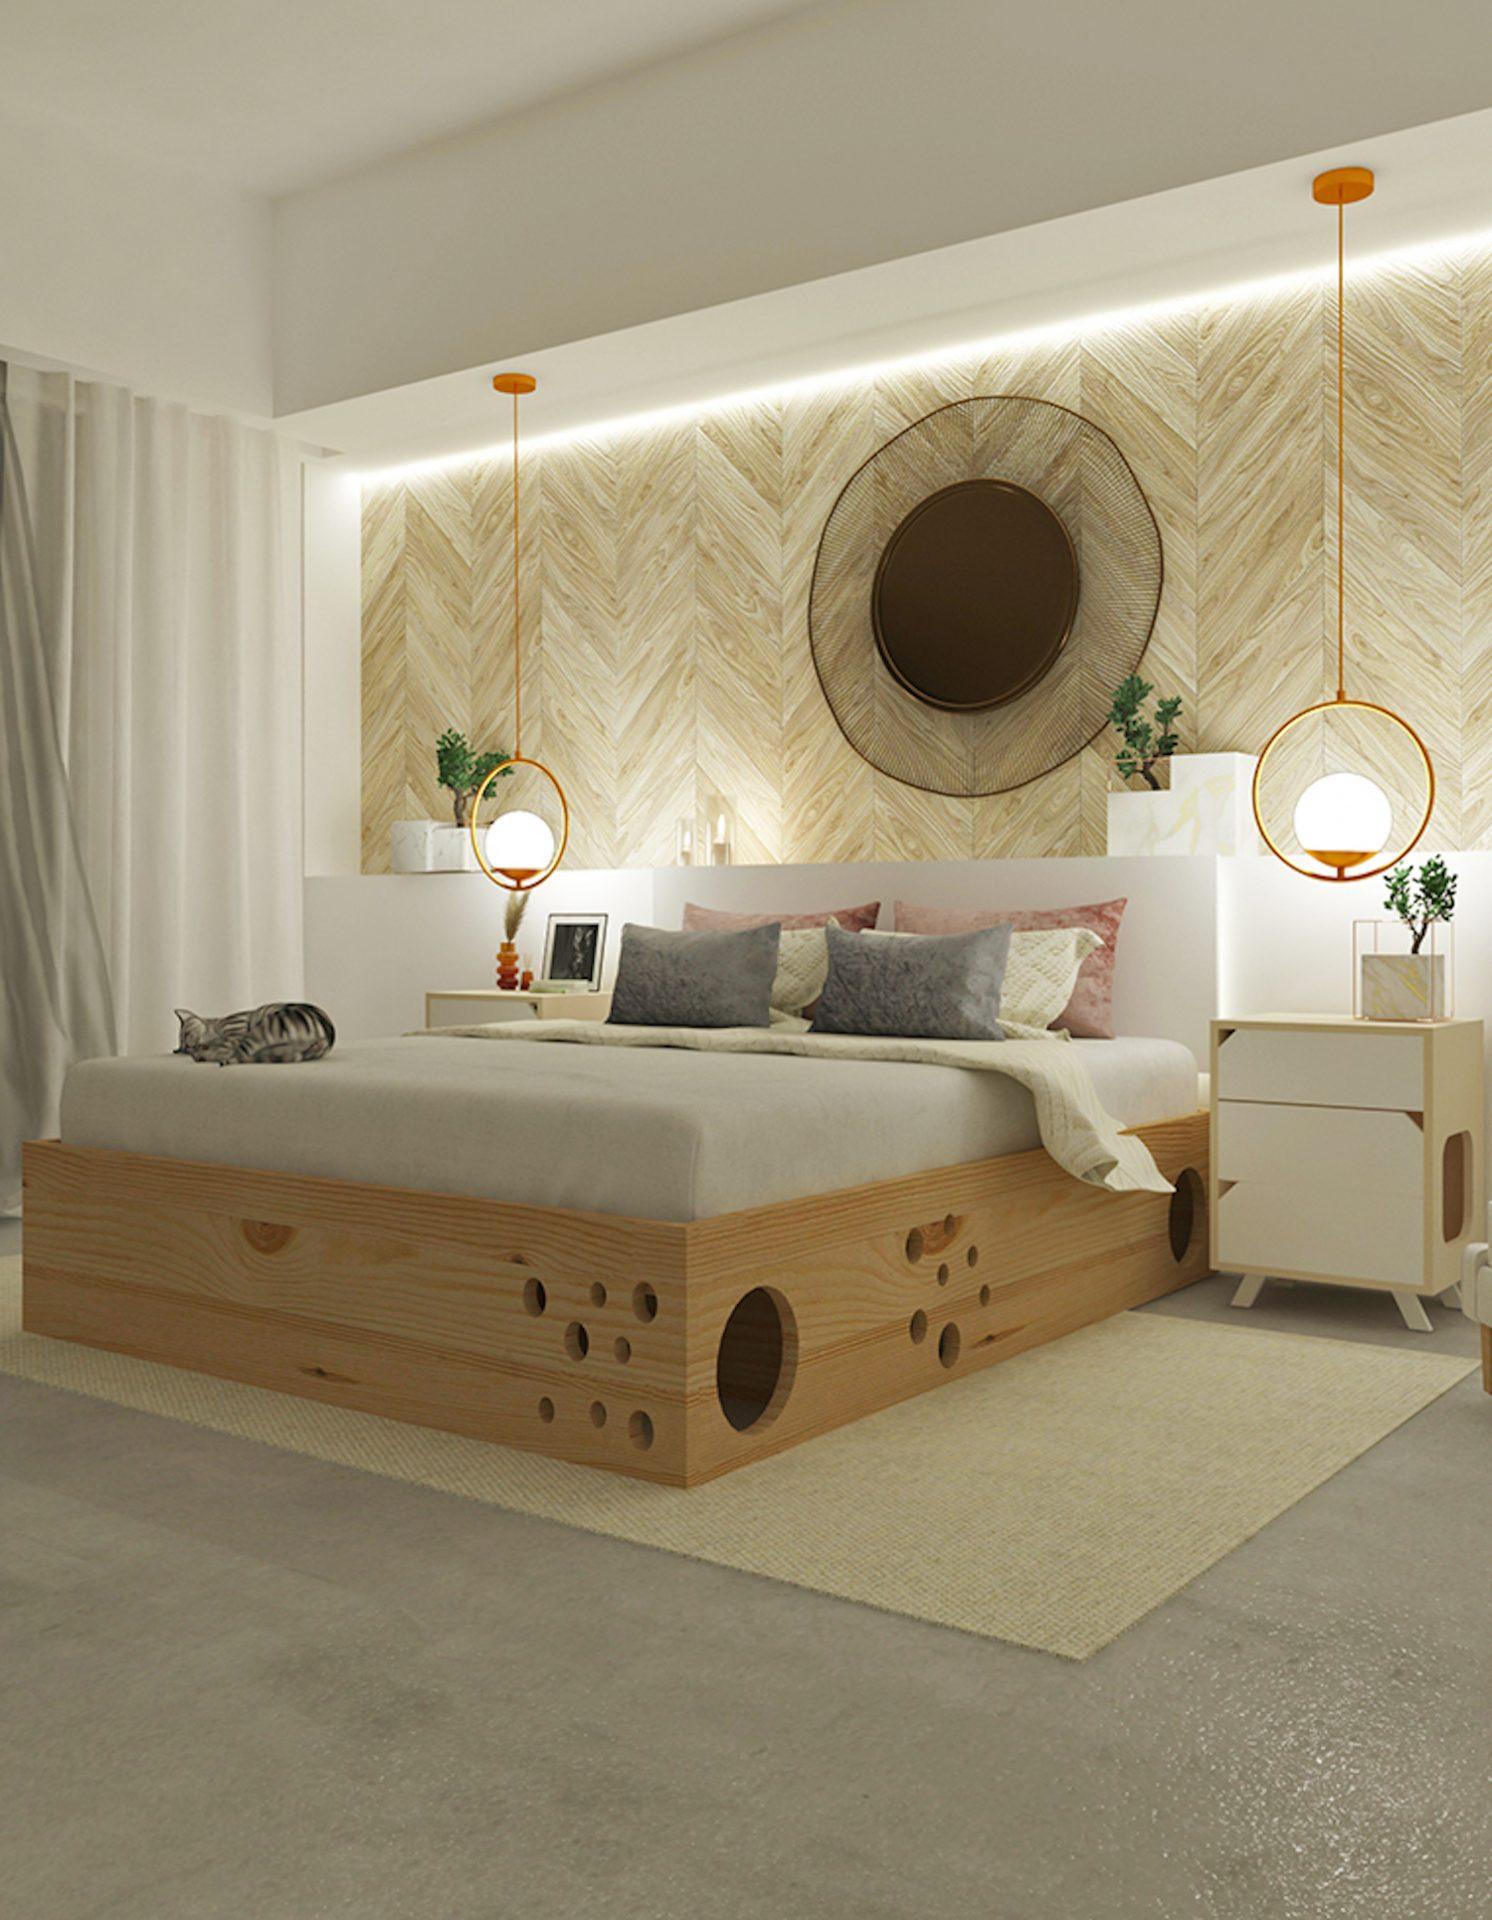 Ce lit cache une structure en labyrinthe pensée pour votre chat